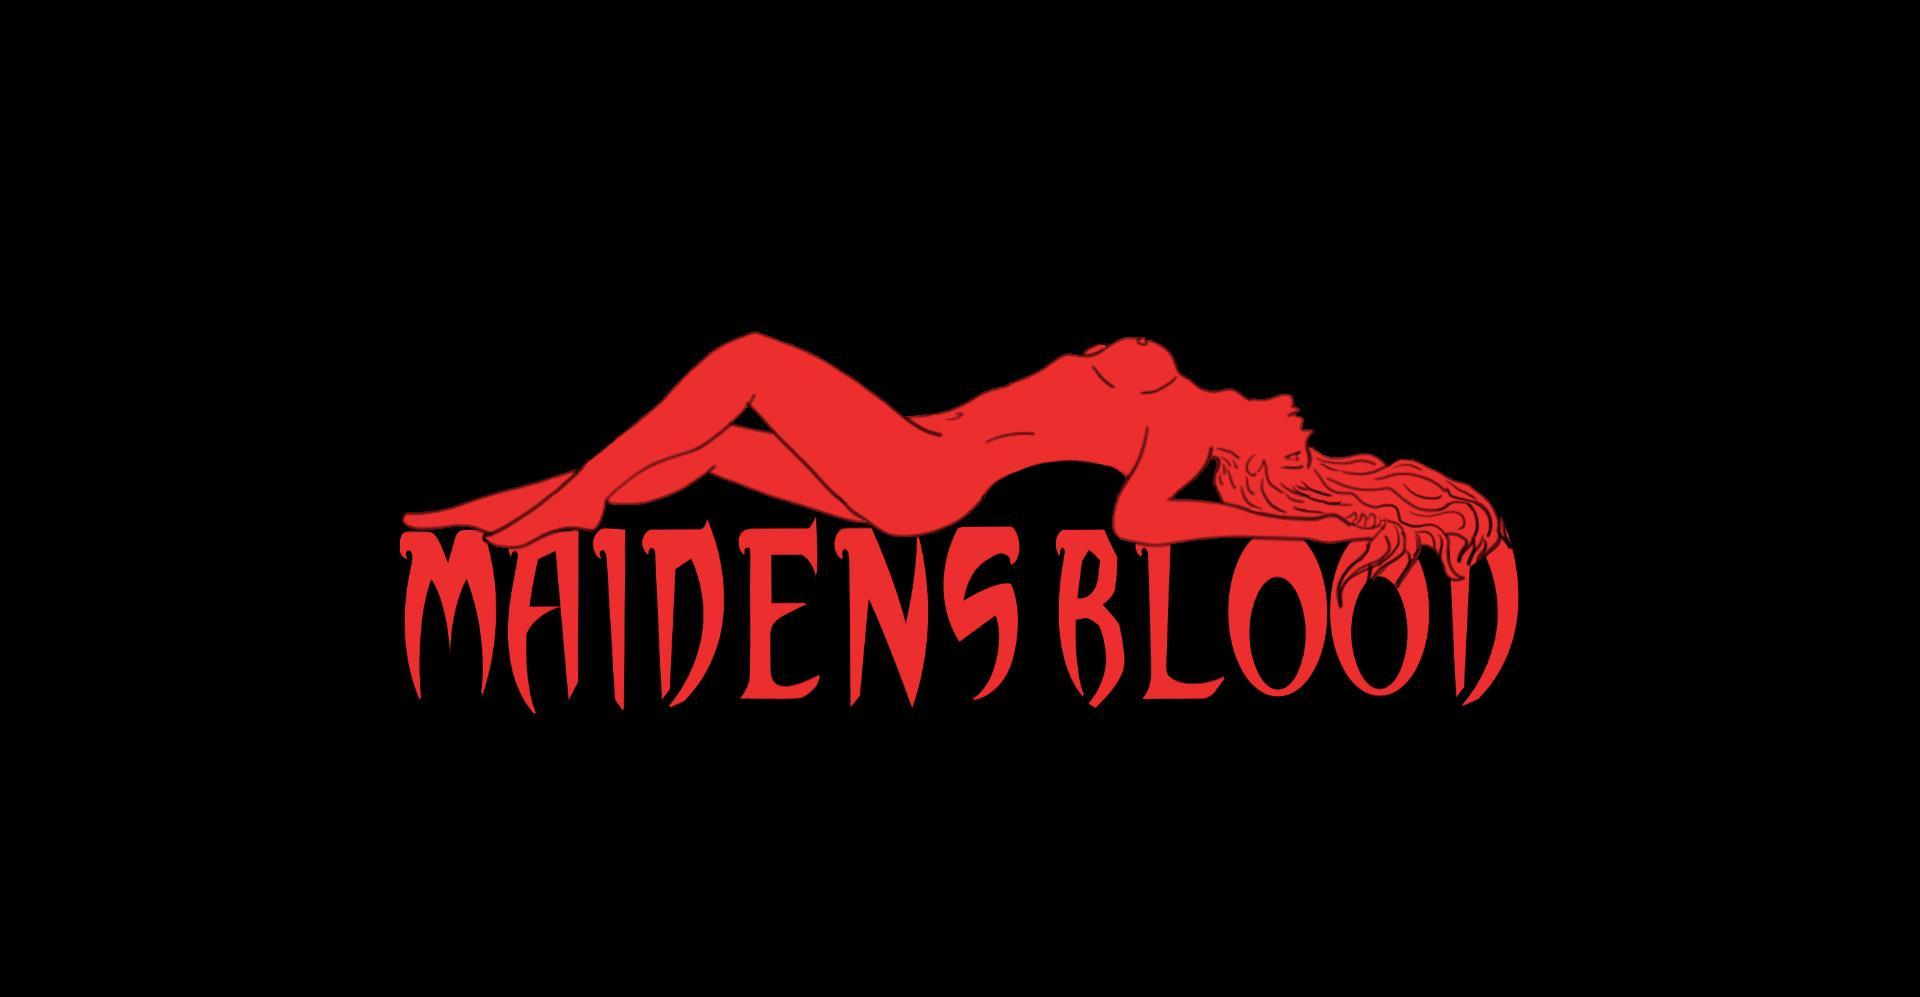 Maidens Blood